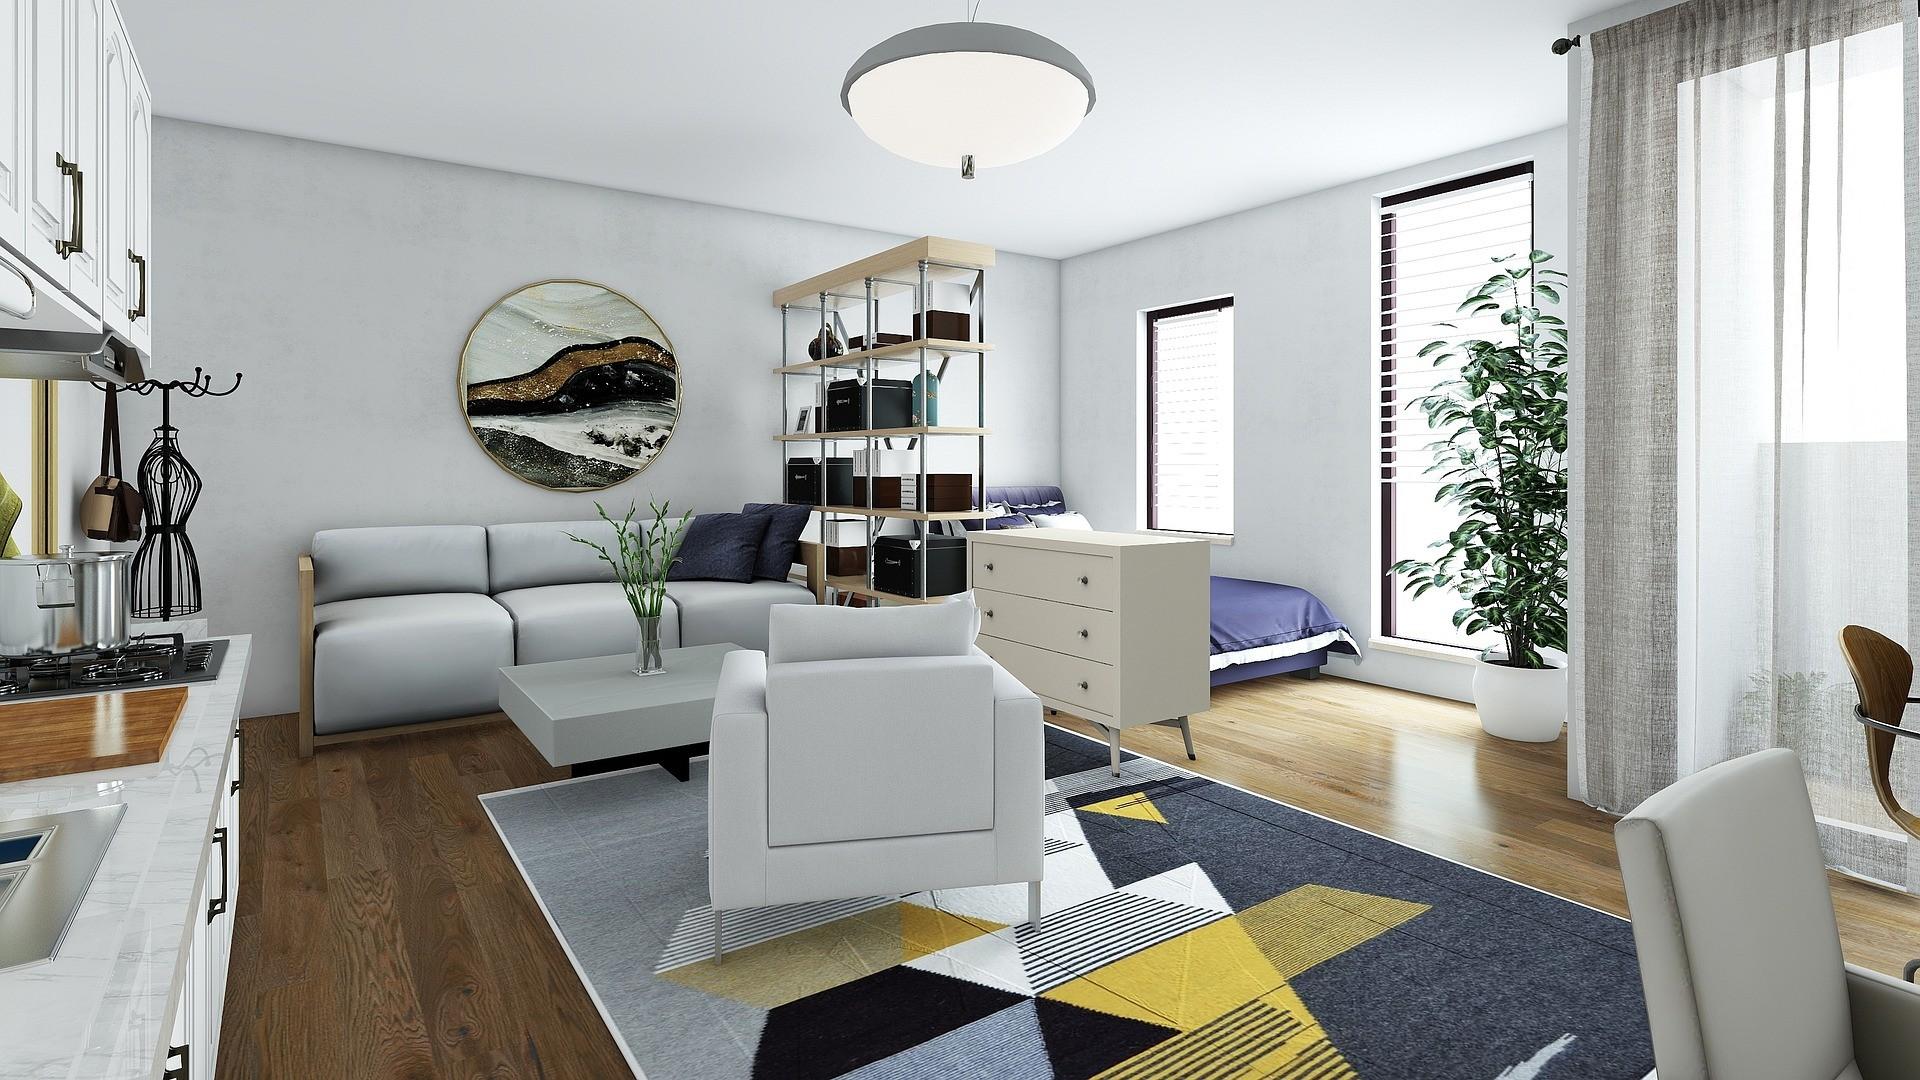 Что можно и нельзя делать при перепланировке квартиры: как получить разрешение на ремонт?